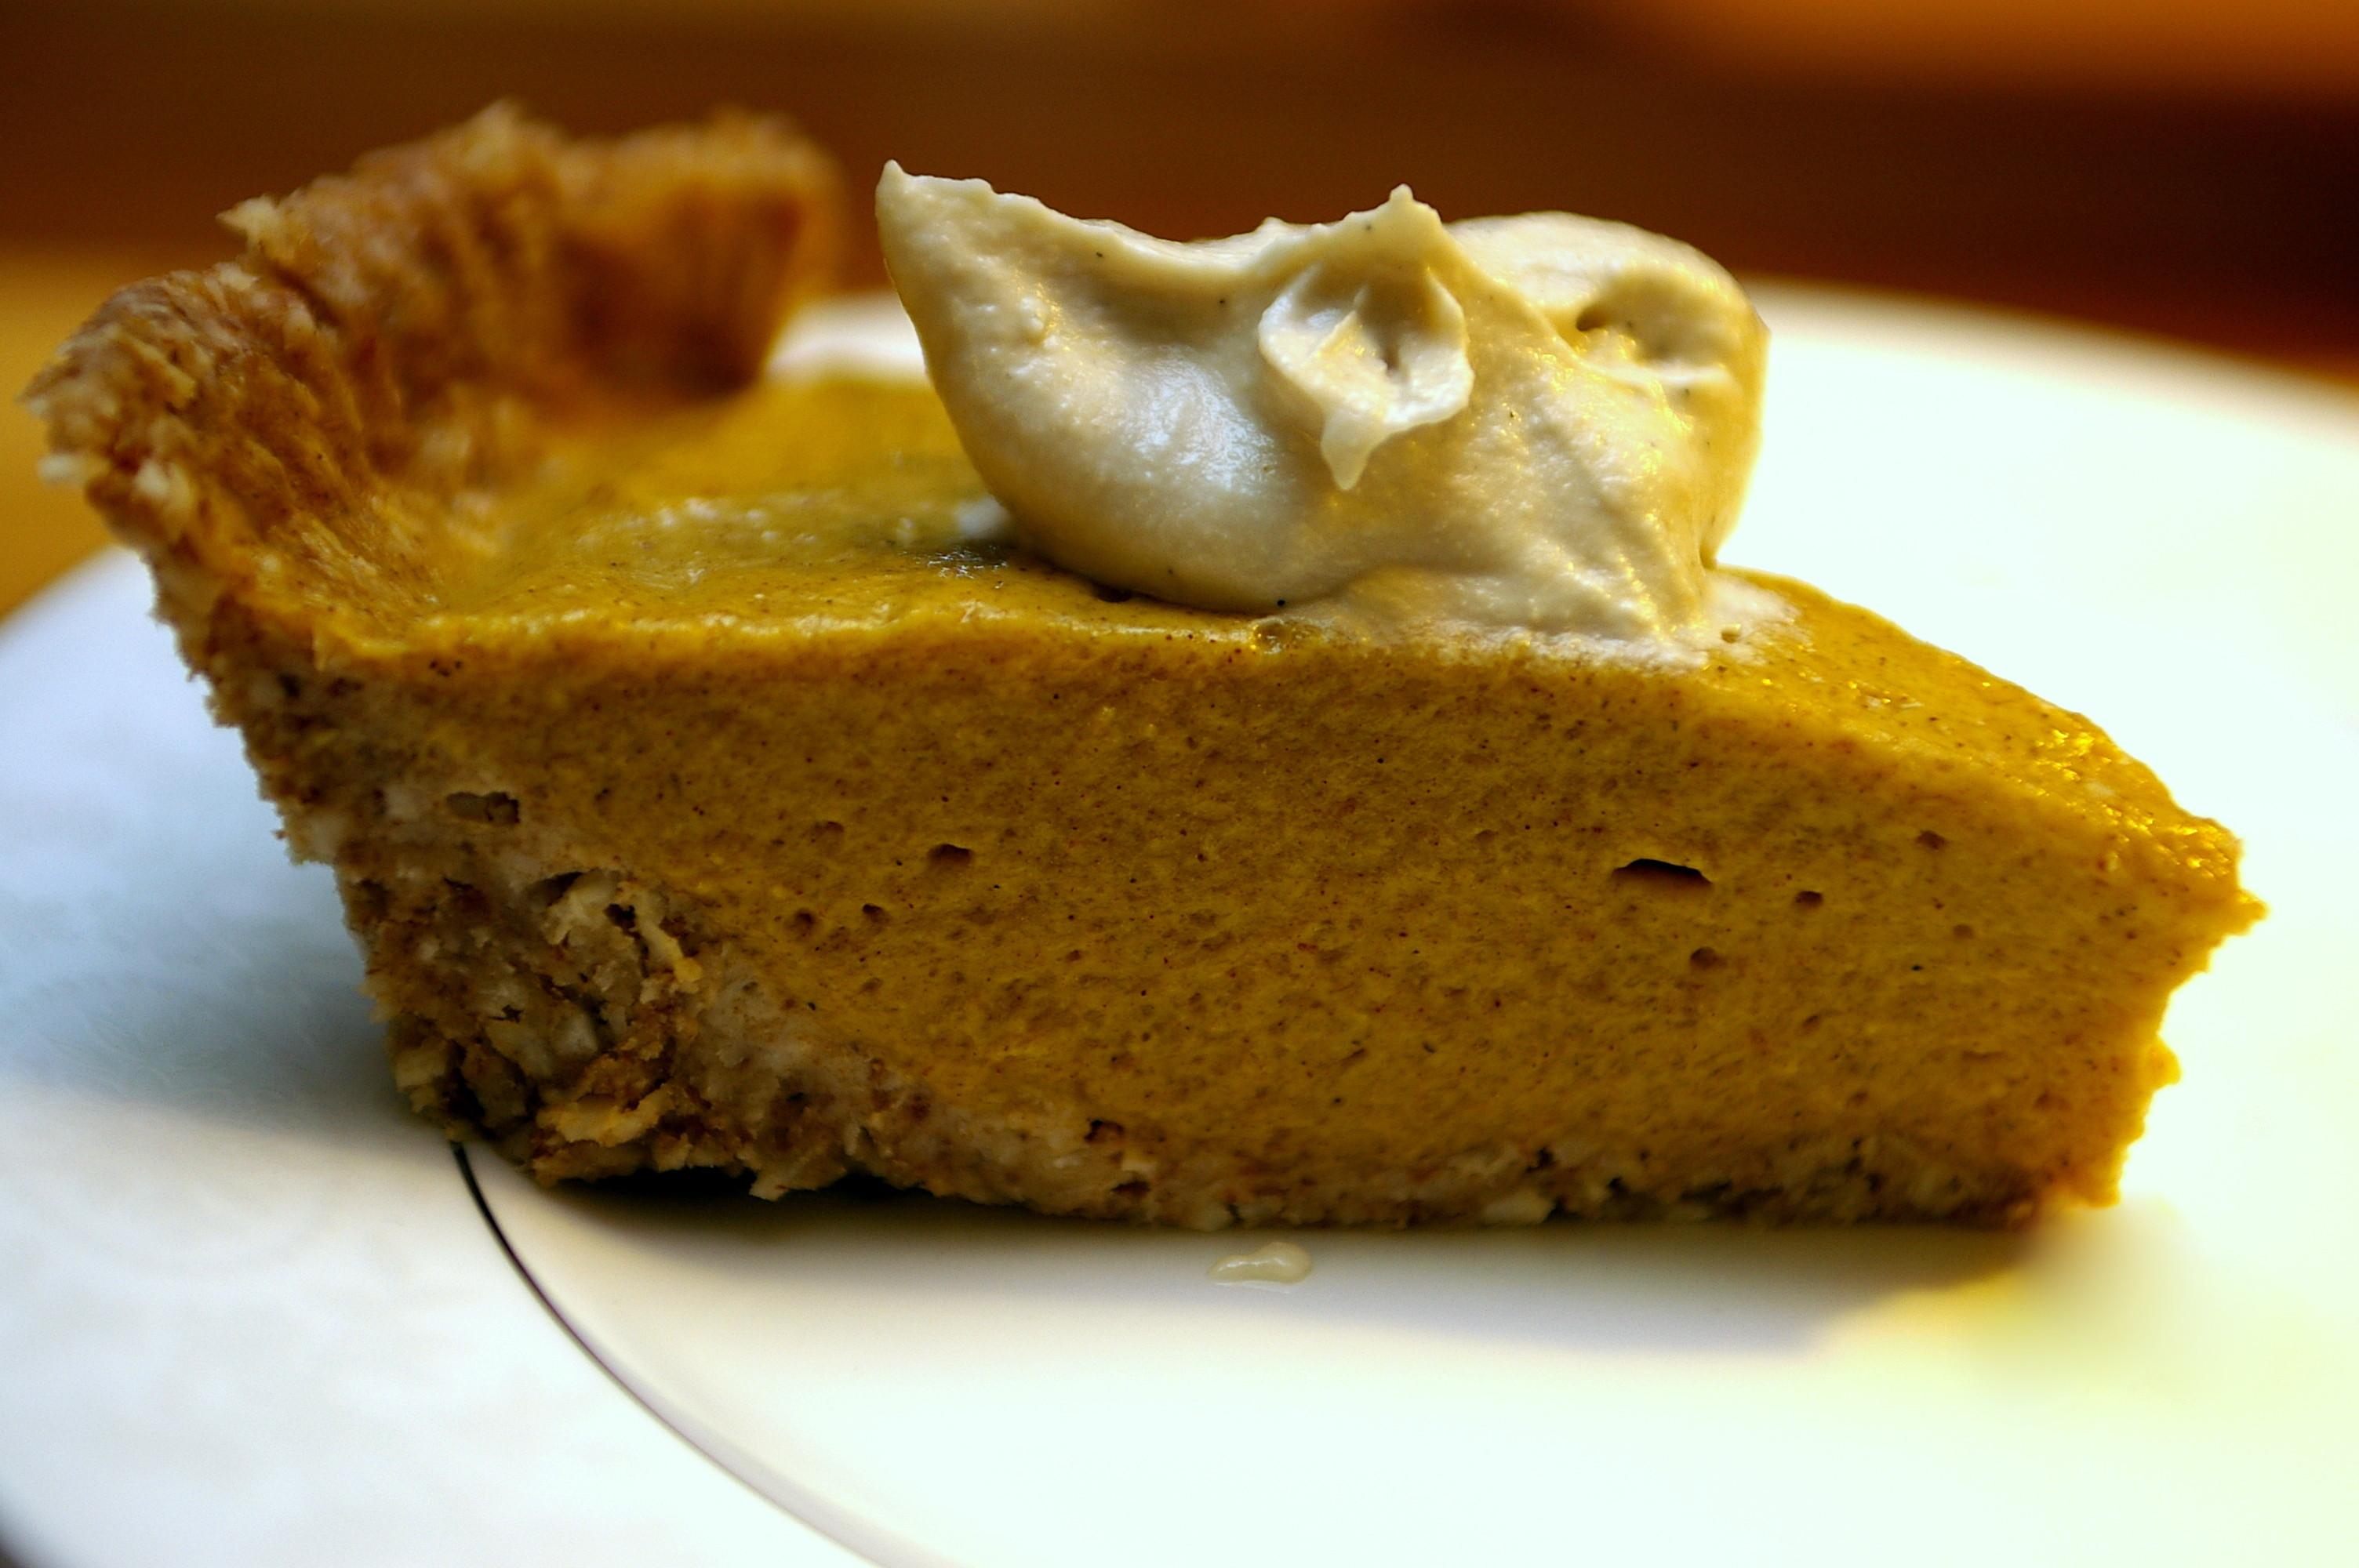 Organic Pumpkin Pie  Raw Pumpkin Pie With Vanilla Cream – OMG